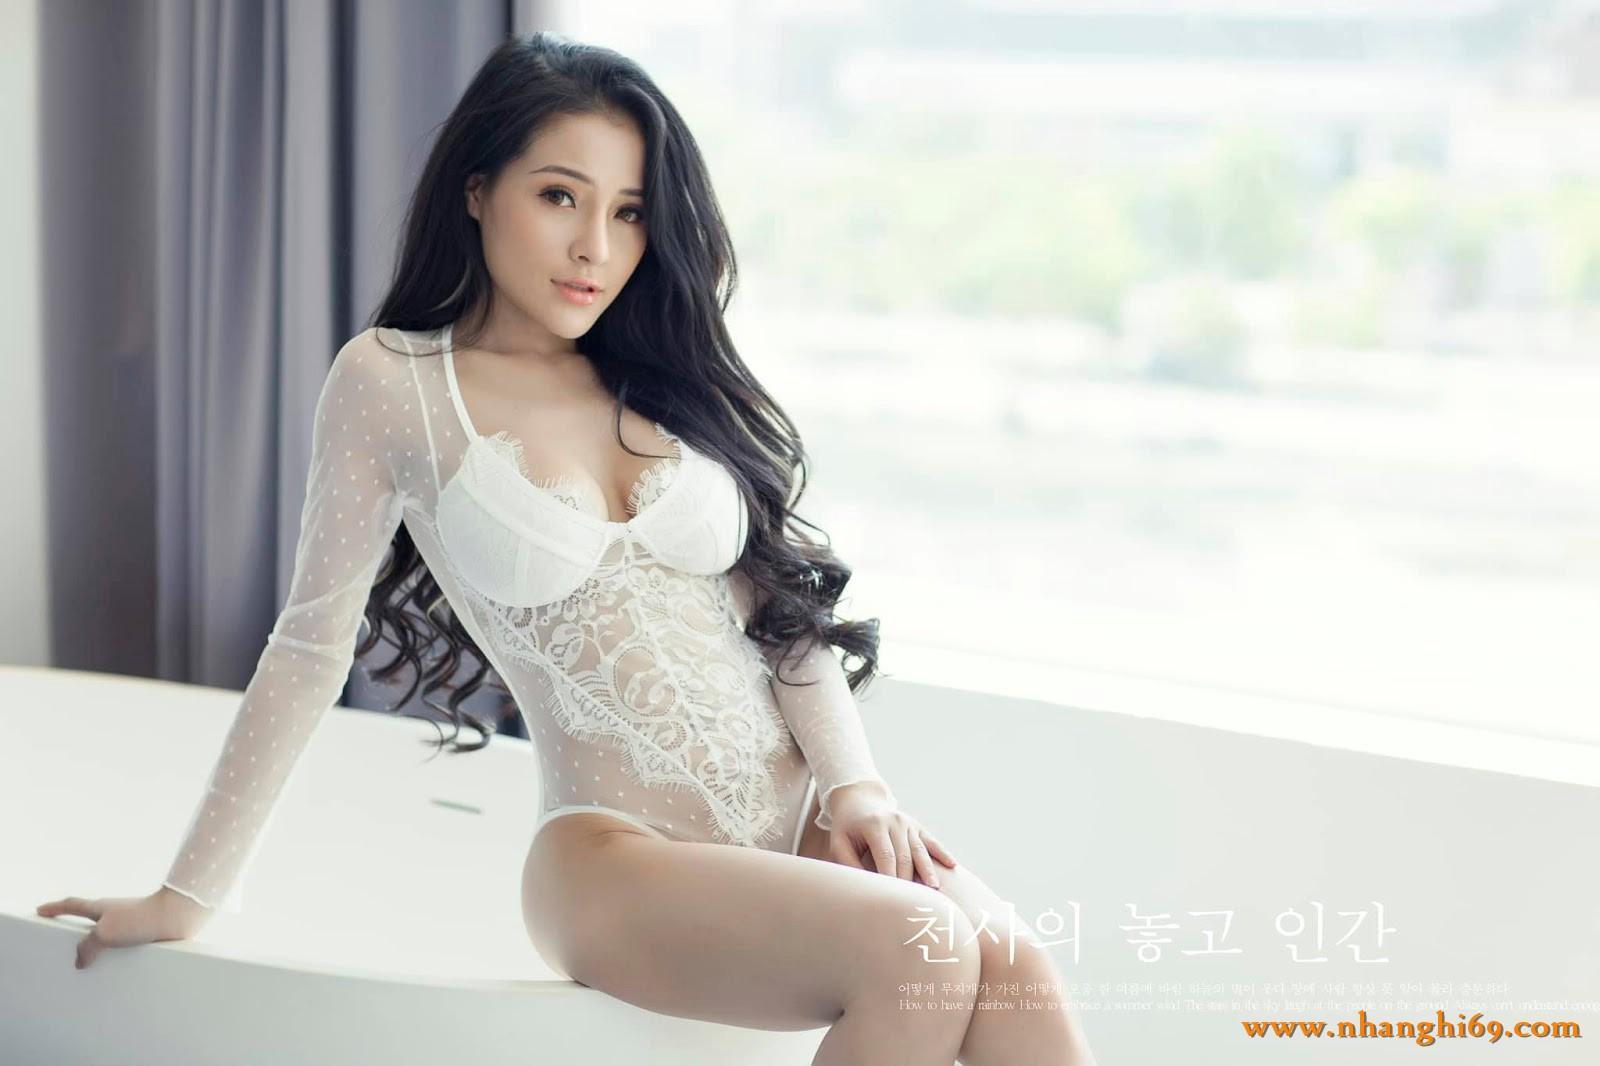 Võ Ngọc Ngân 9 Ngân 2k ) càng lớn càng quyến rũ @PhimVu Category Sexy: Việt Nam Nude Girl